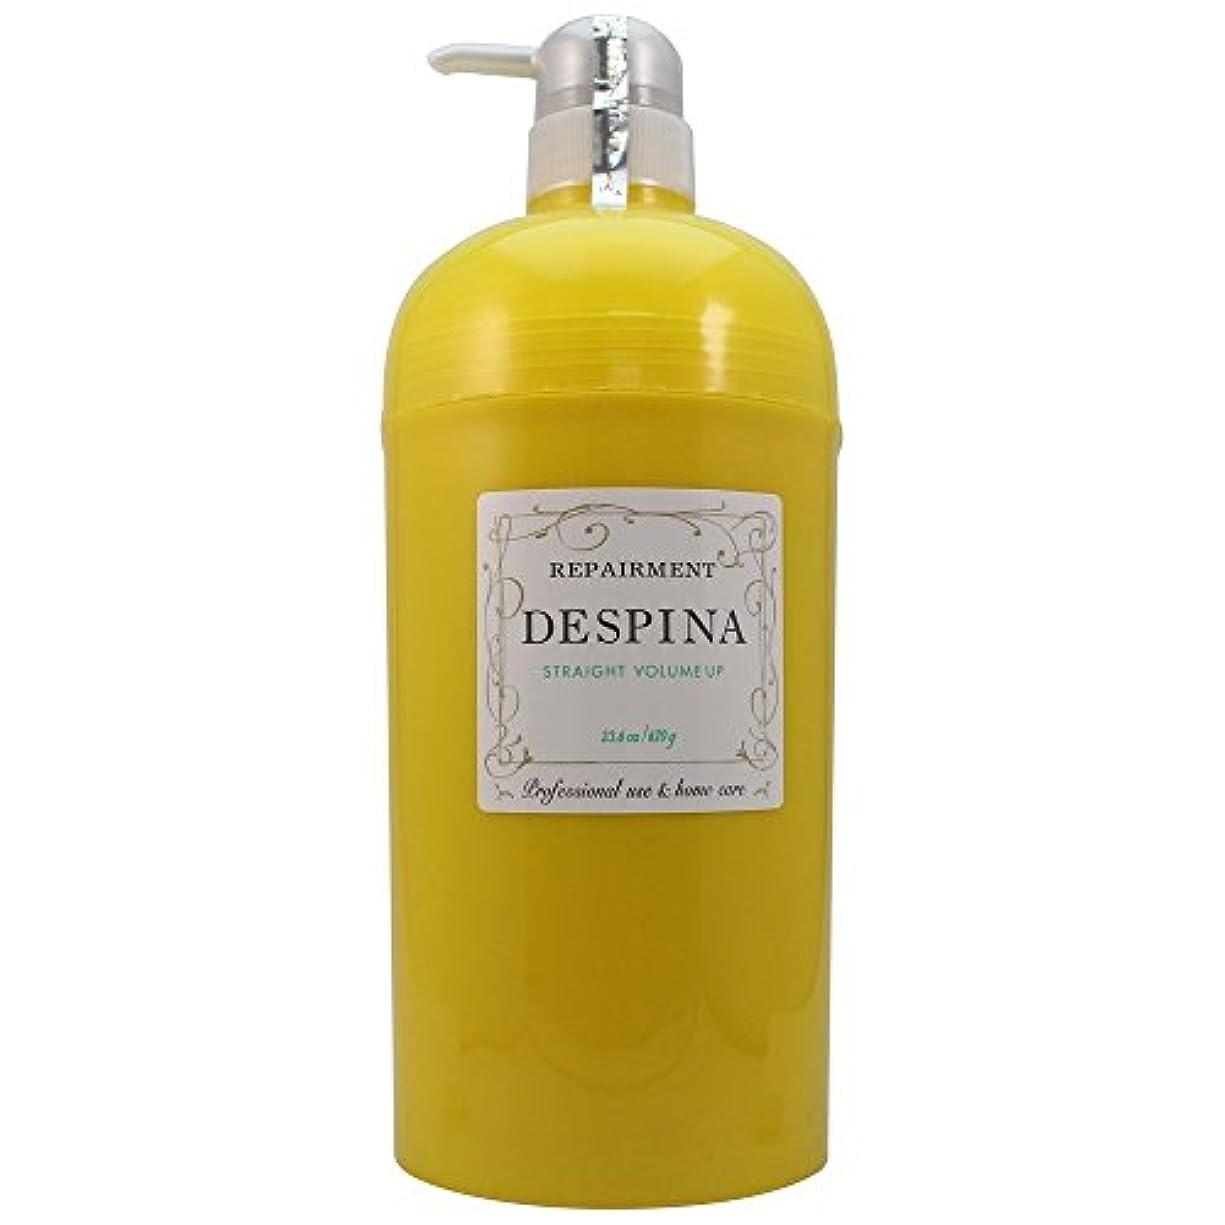 ランプ靄蘇生する中野製薬 デスピナ リペアメント ストレート ボリュームアップ 670g